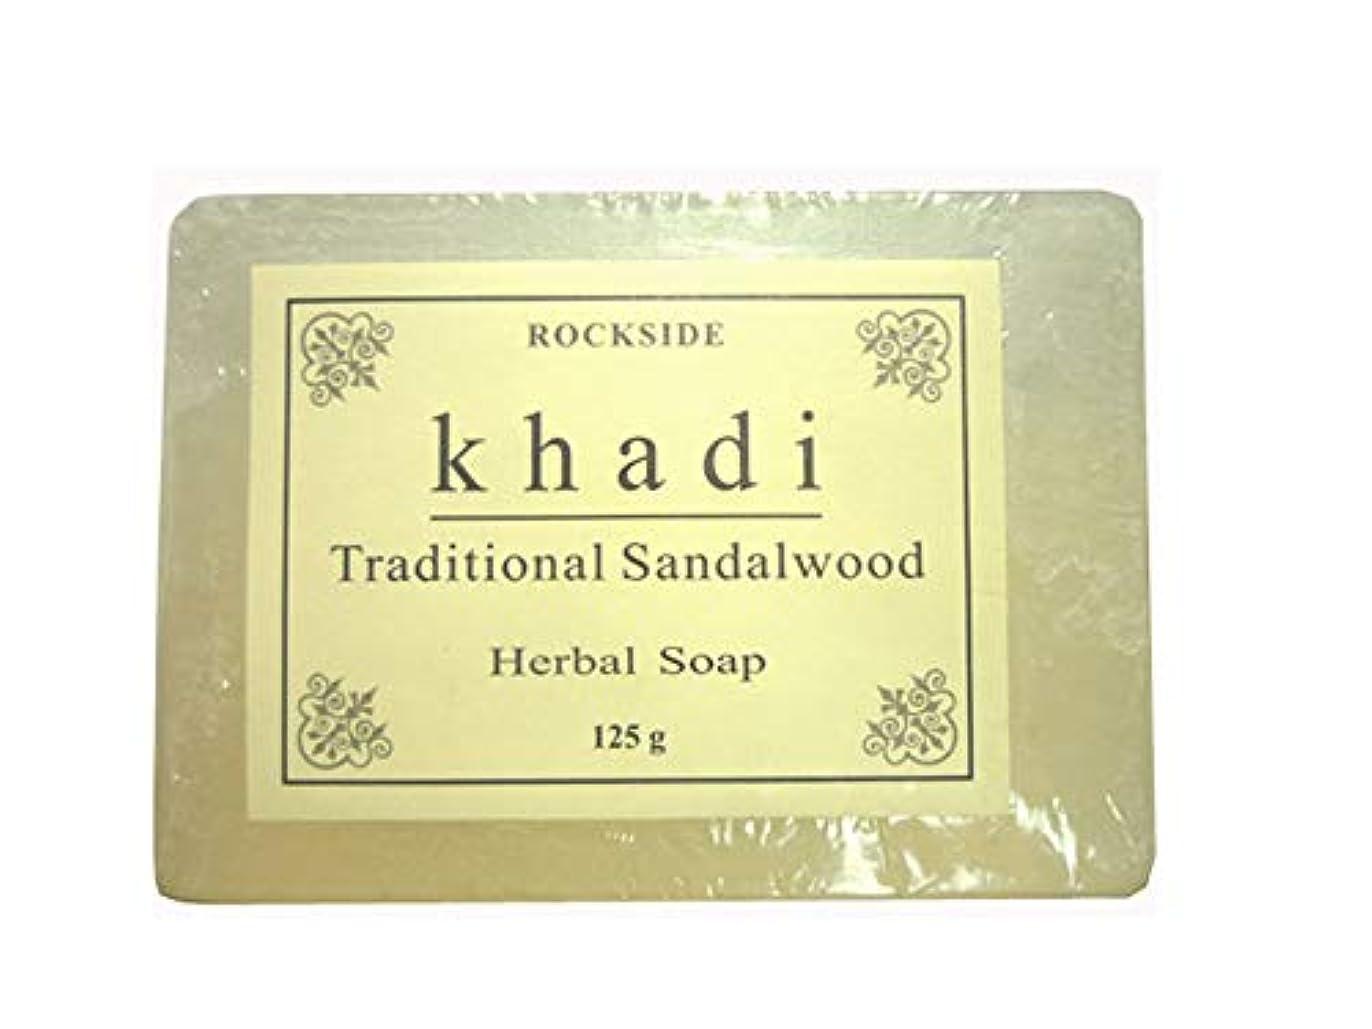 責任者アイザック施設手作り カーディ サンダルウッド ソープKhadi Traditional Sandalwood Soap